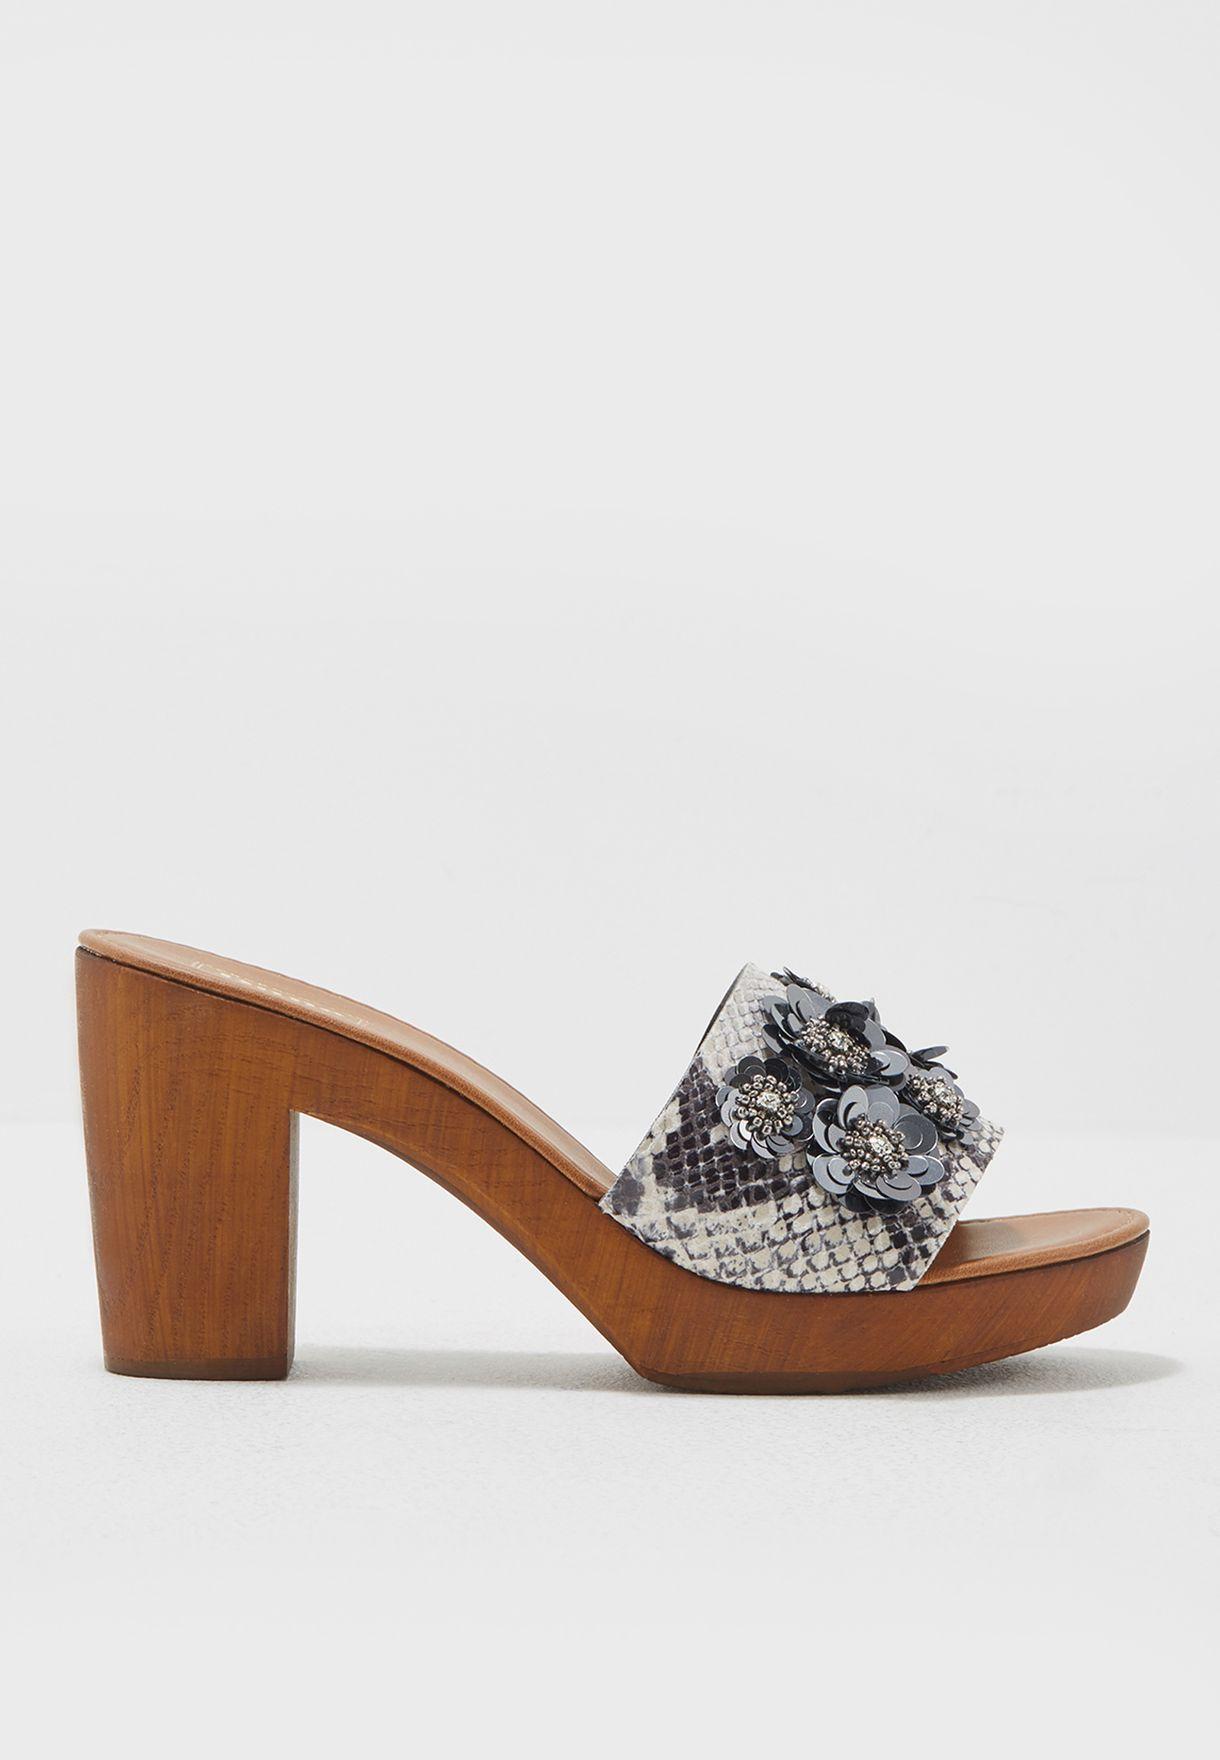 508021d065 Shop Dune London prints Flower Embellished Block Heel Sandal ...